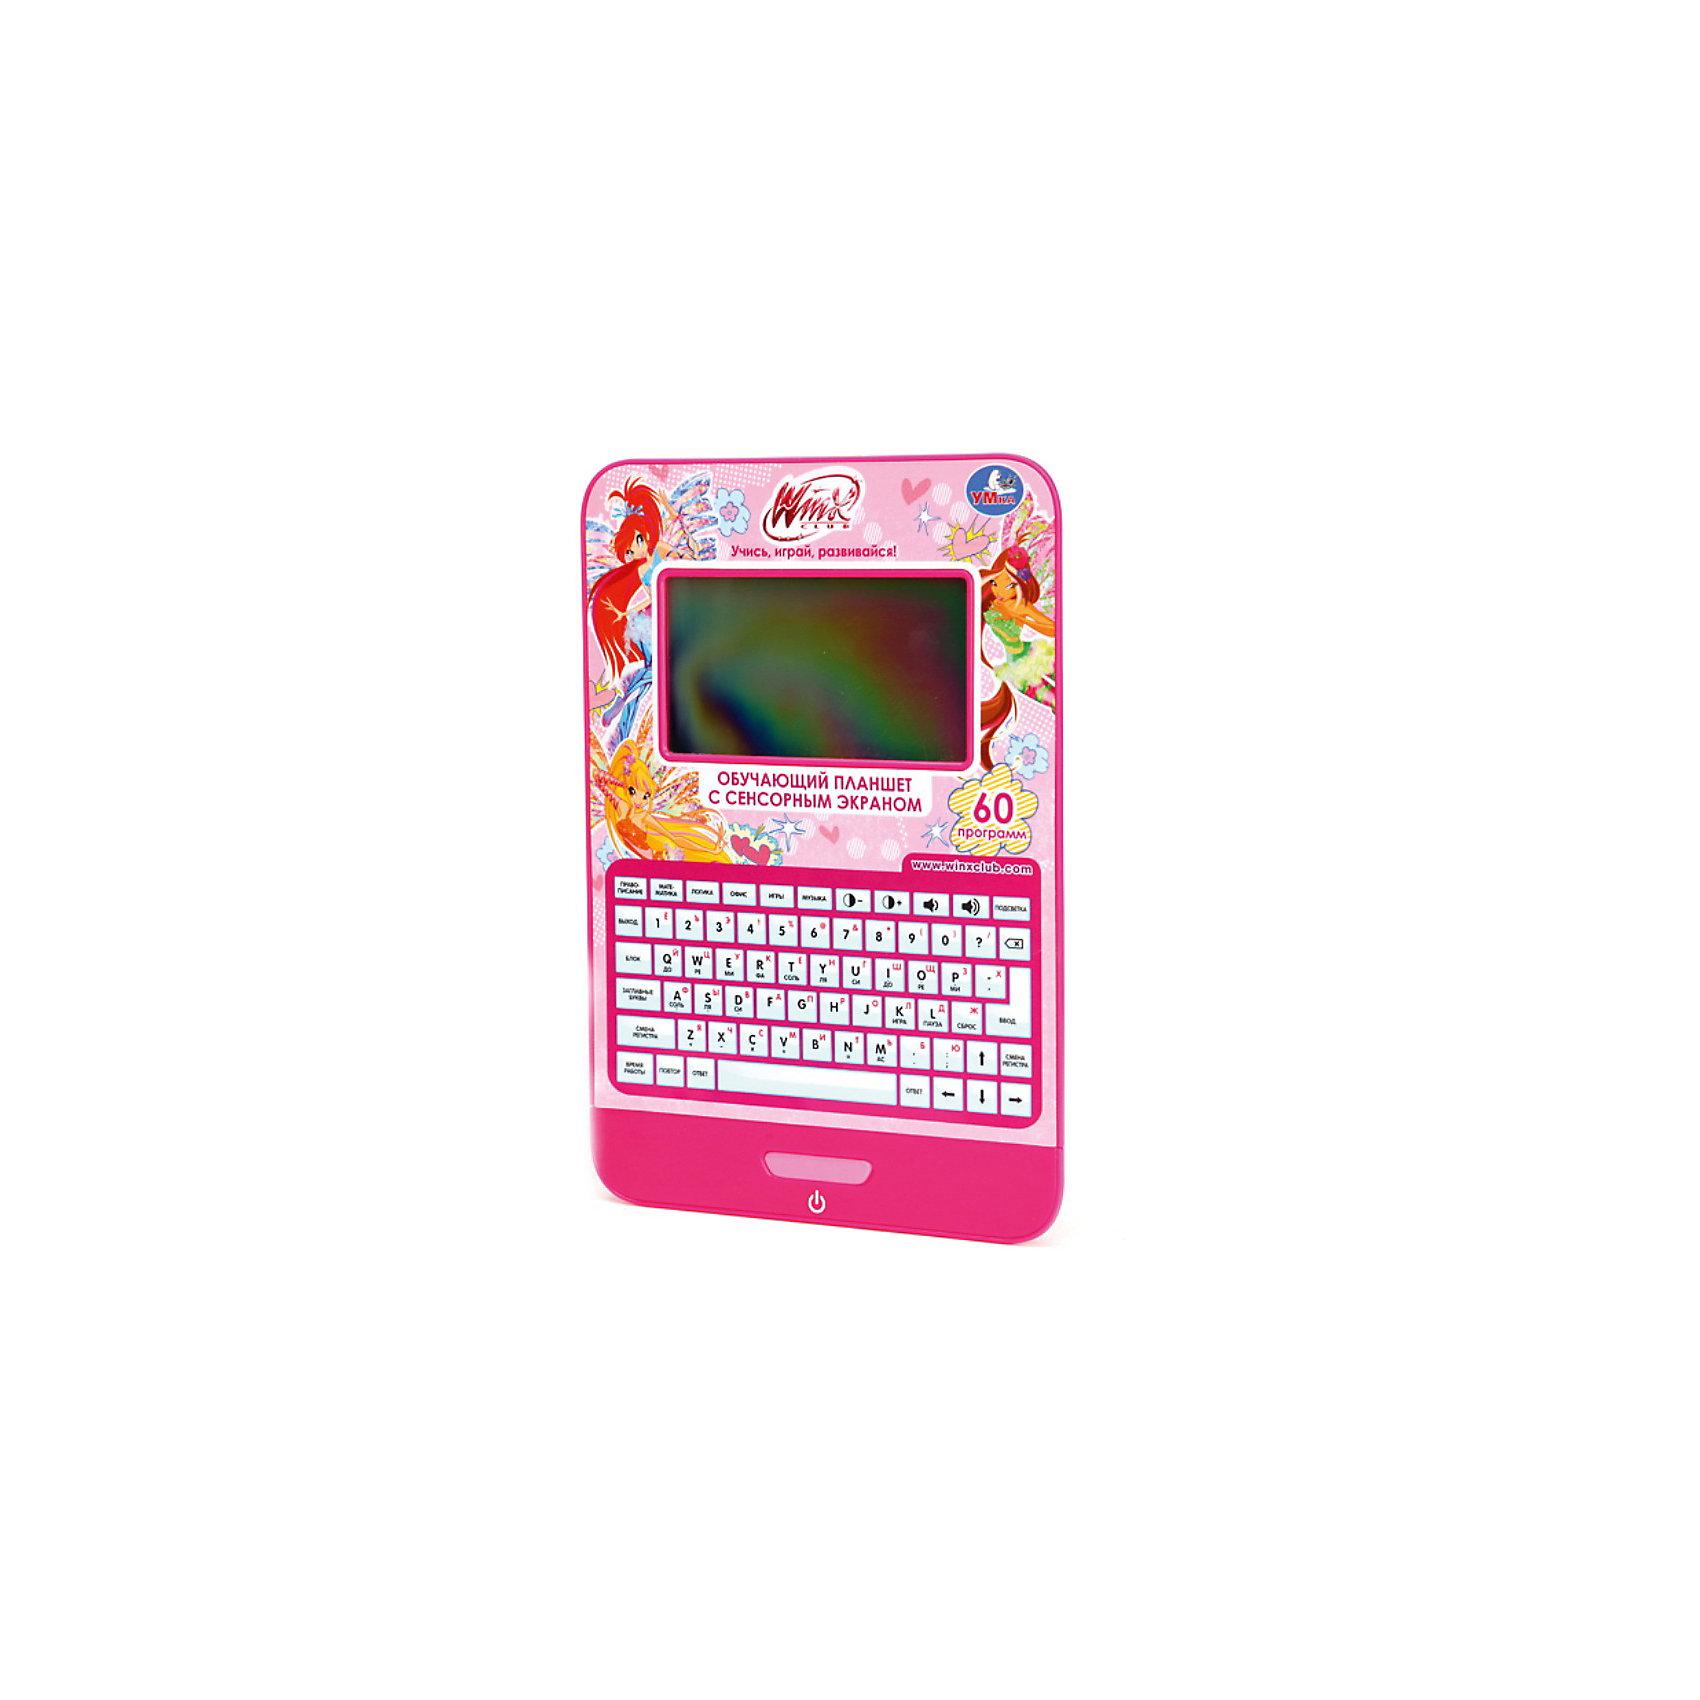 Умка Обучающий планшет Winx Club, 60 программ, Умка игра винкс в каком магазине можно